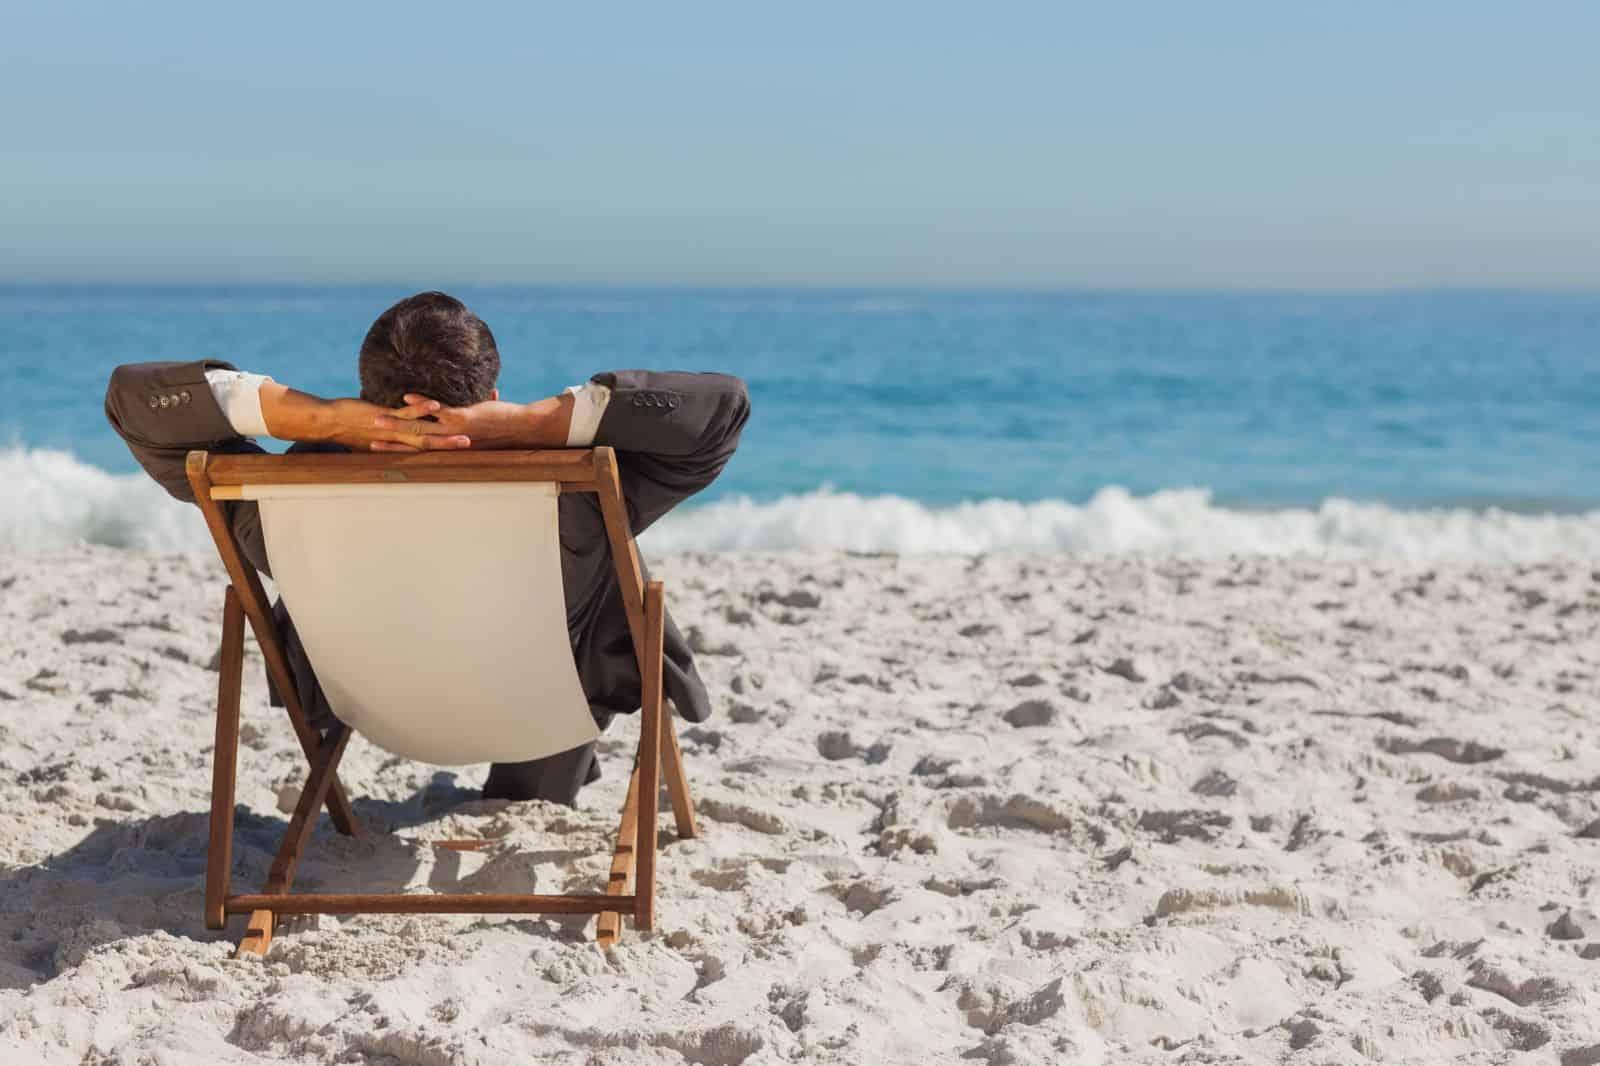 Отгул или административный отпуск на один день